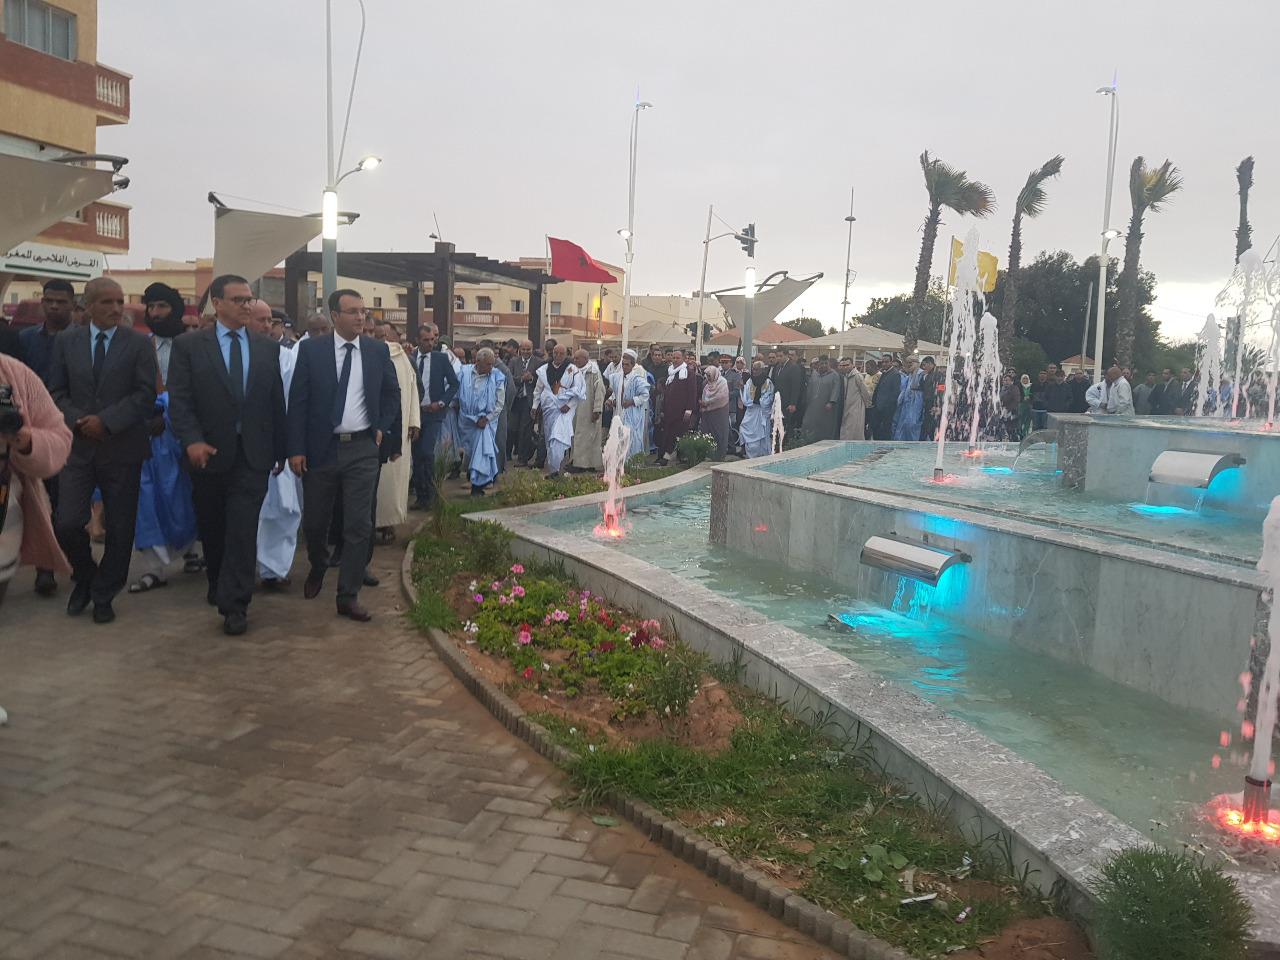 صورة عامل إقليم بوجدور يشرف على تدشينات بمناسبة ذكرى تقديم وثيقة الإستقلال